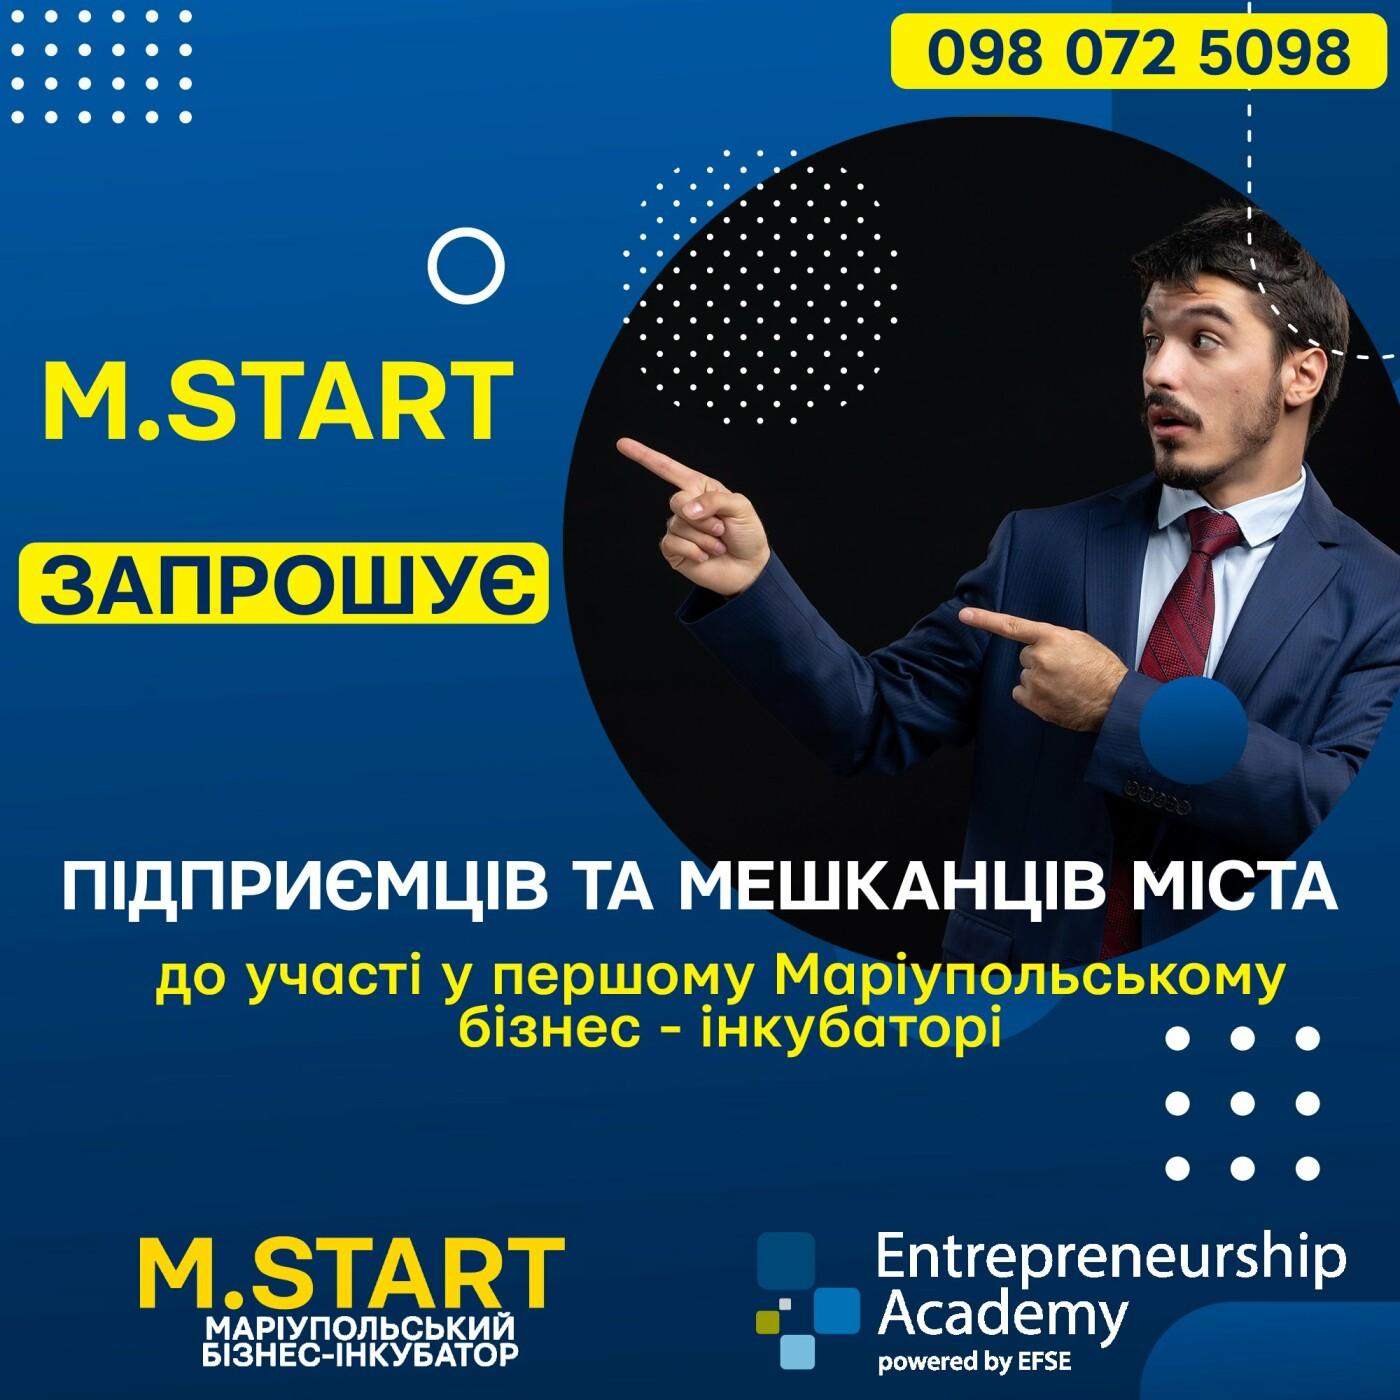 M.START запрошує підприємців та мешканців міста до участі у першому Маріупольському бізнес-інкубаторі, фото-1